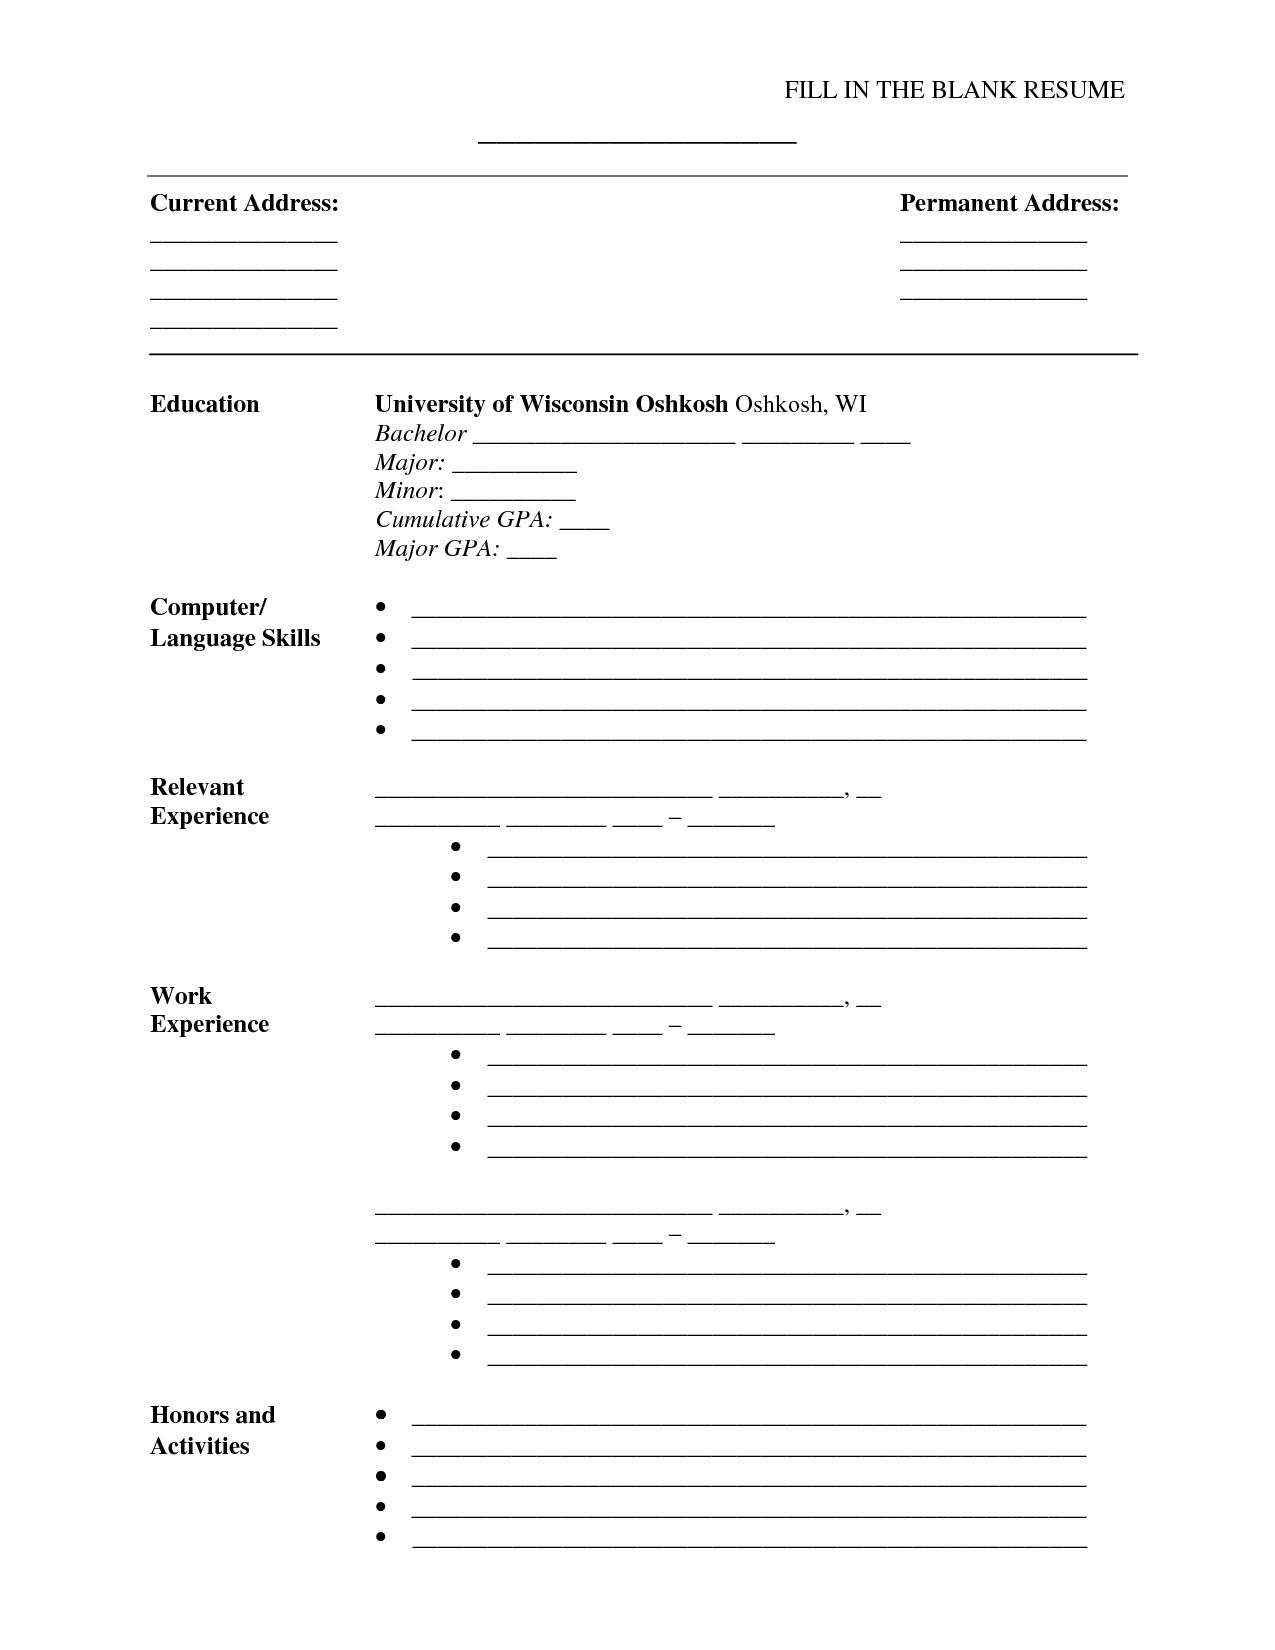 Blank Simple Resume Template Fill In the Blank Resume Pdf Umecareer